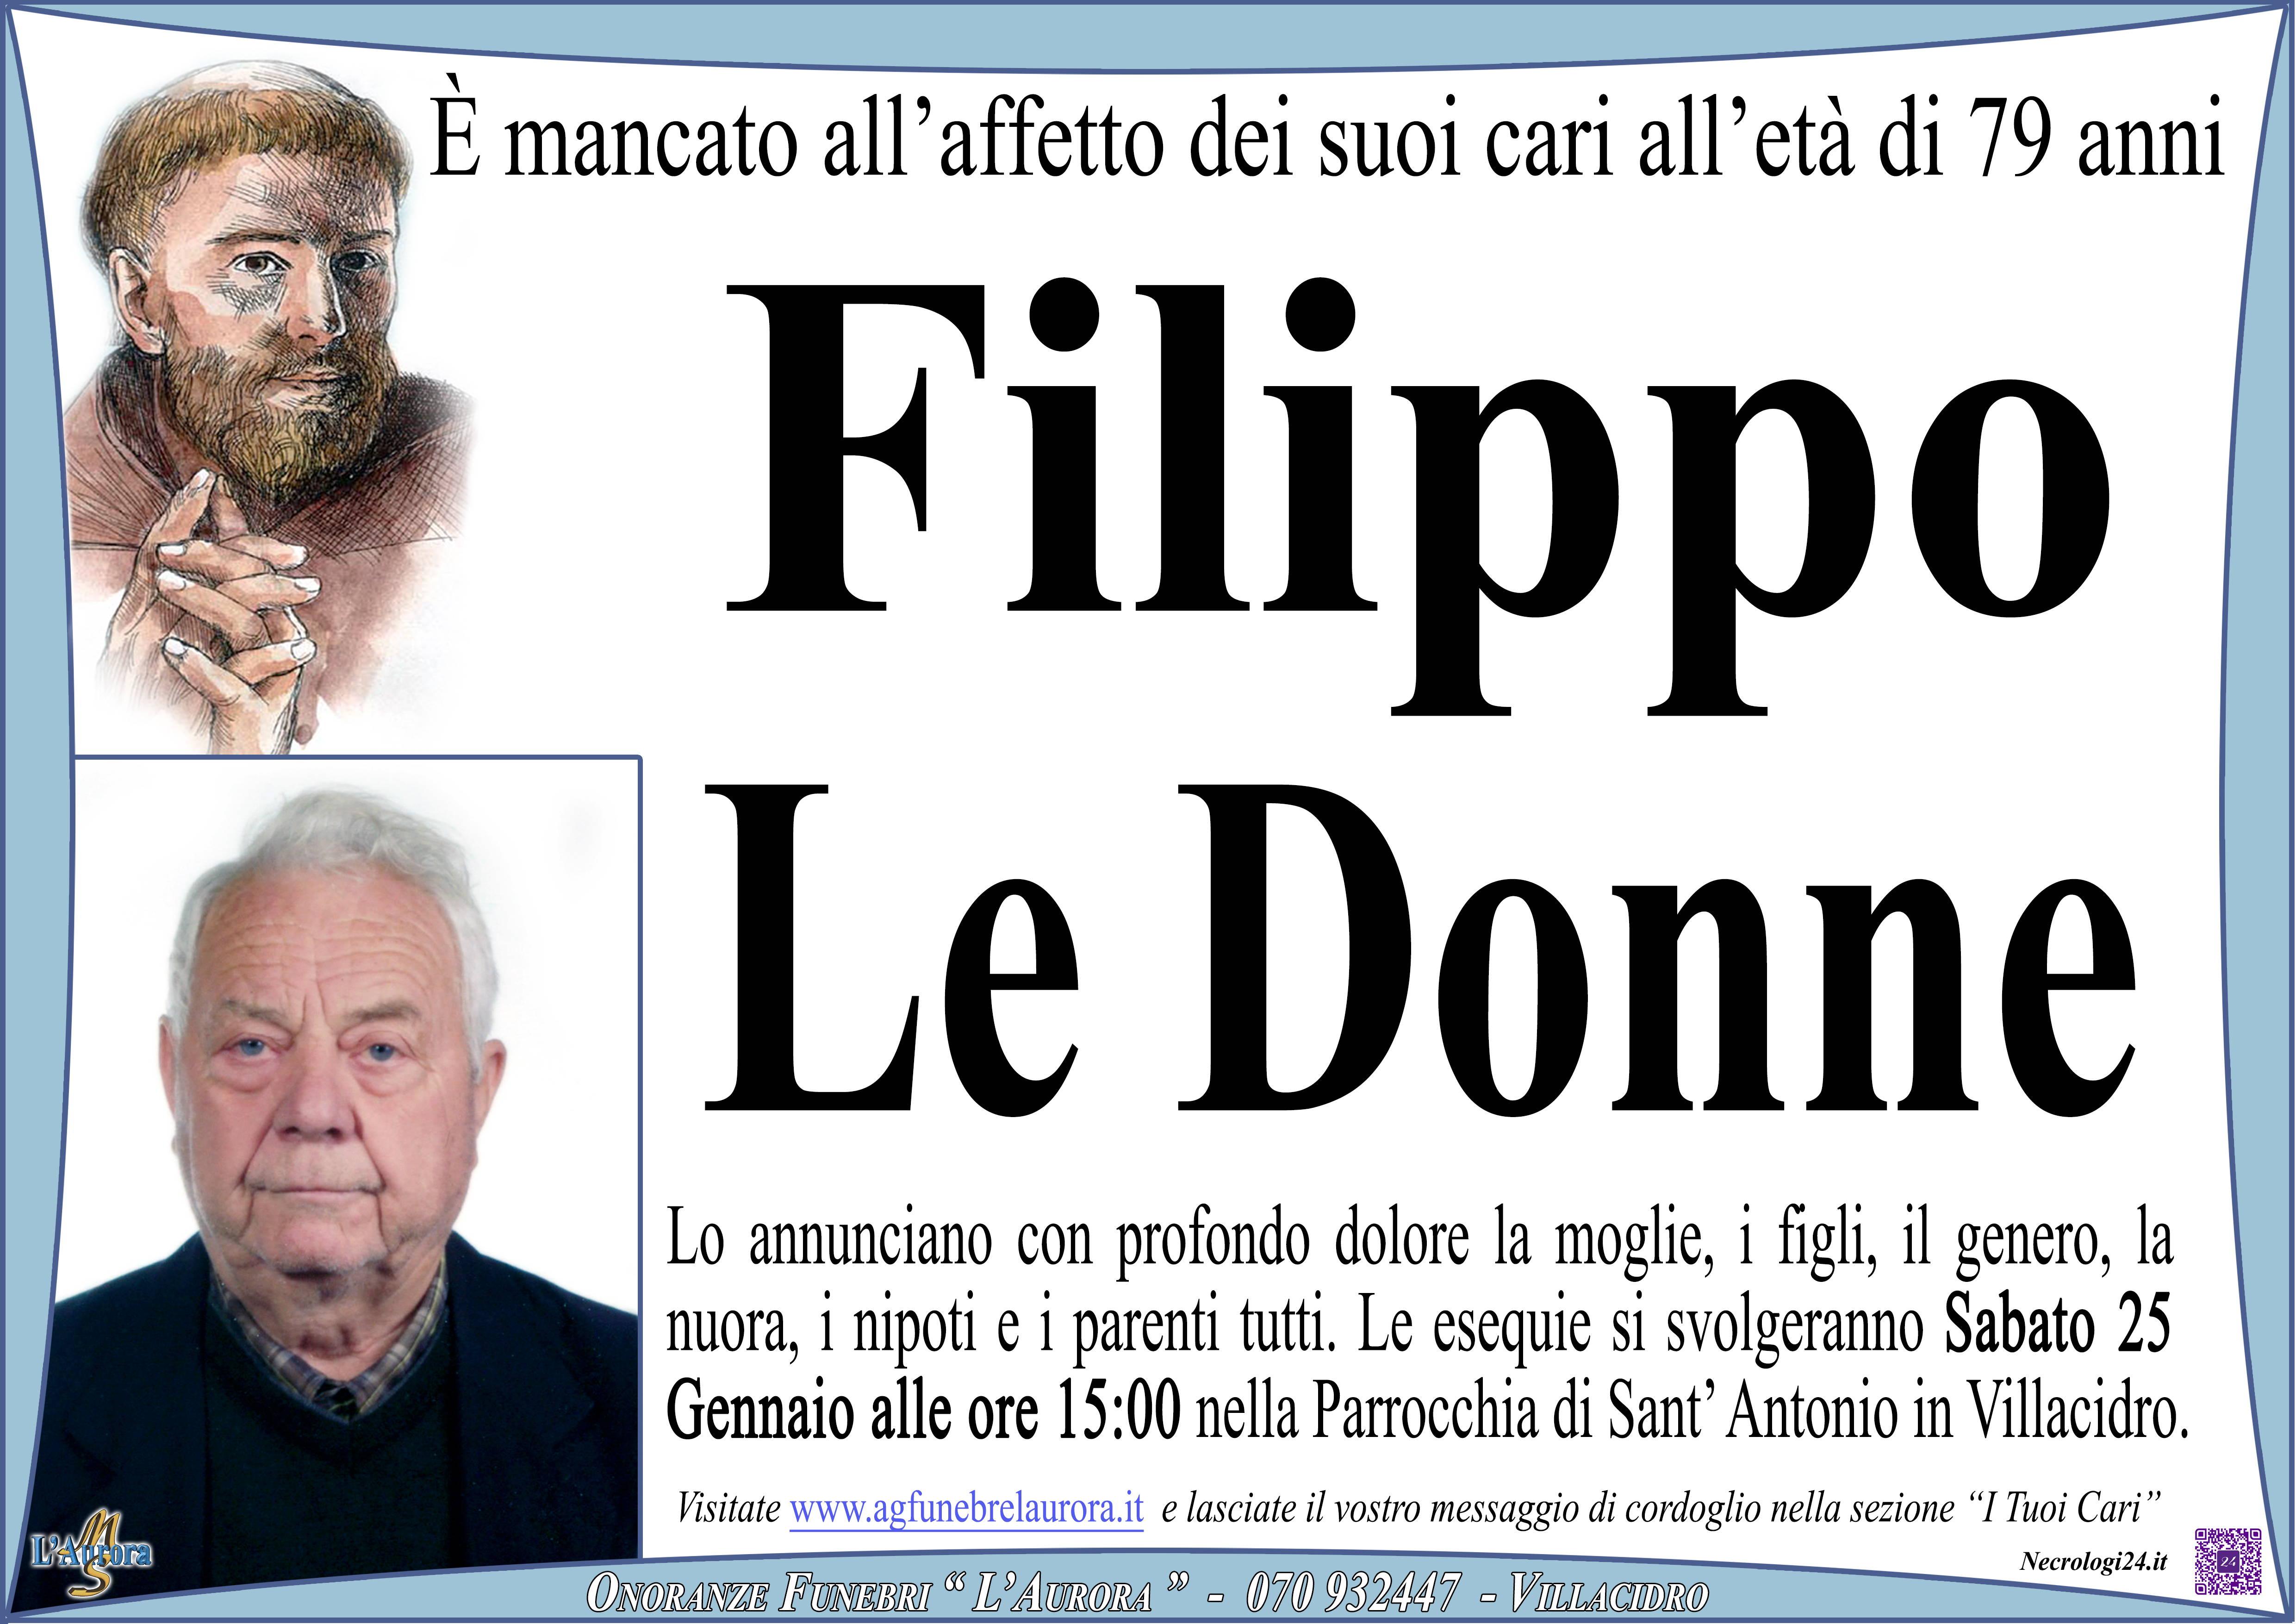 Filippo Le Donne